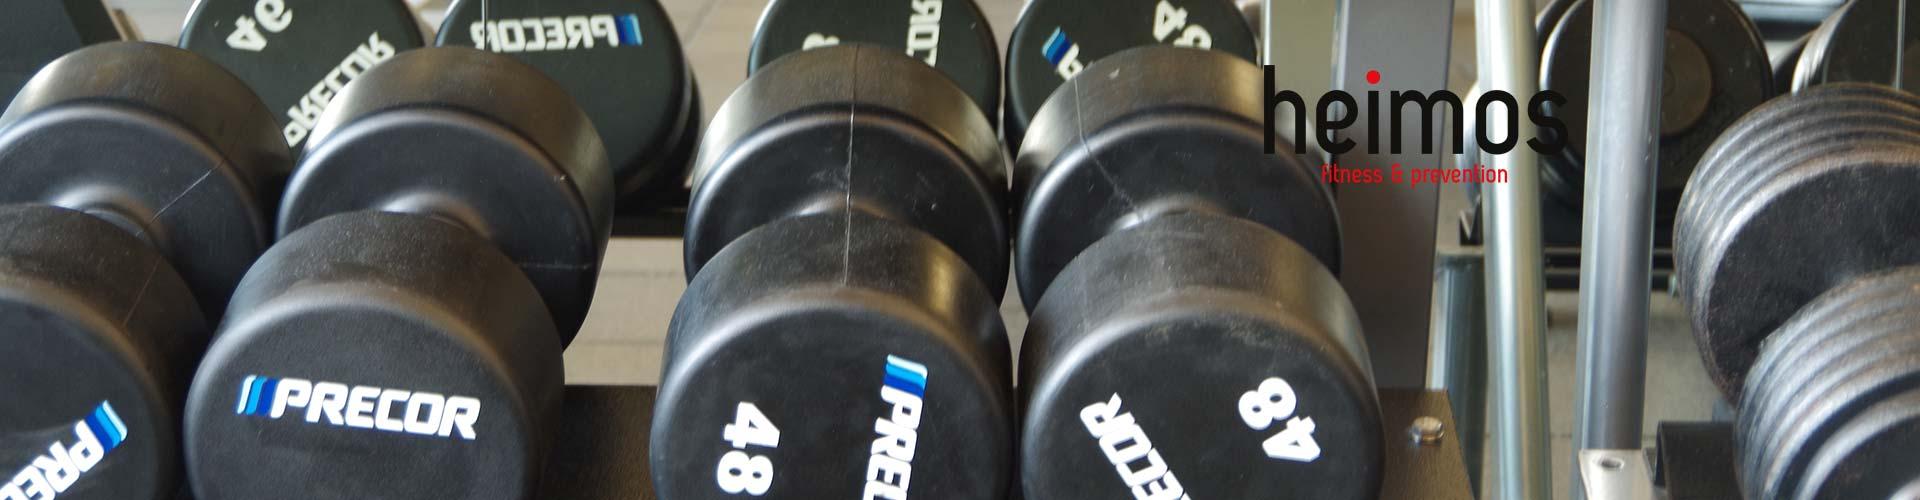 Datenschutzerklärung von heimos fitness & prevention Fürstenzell